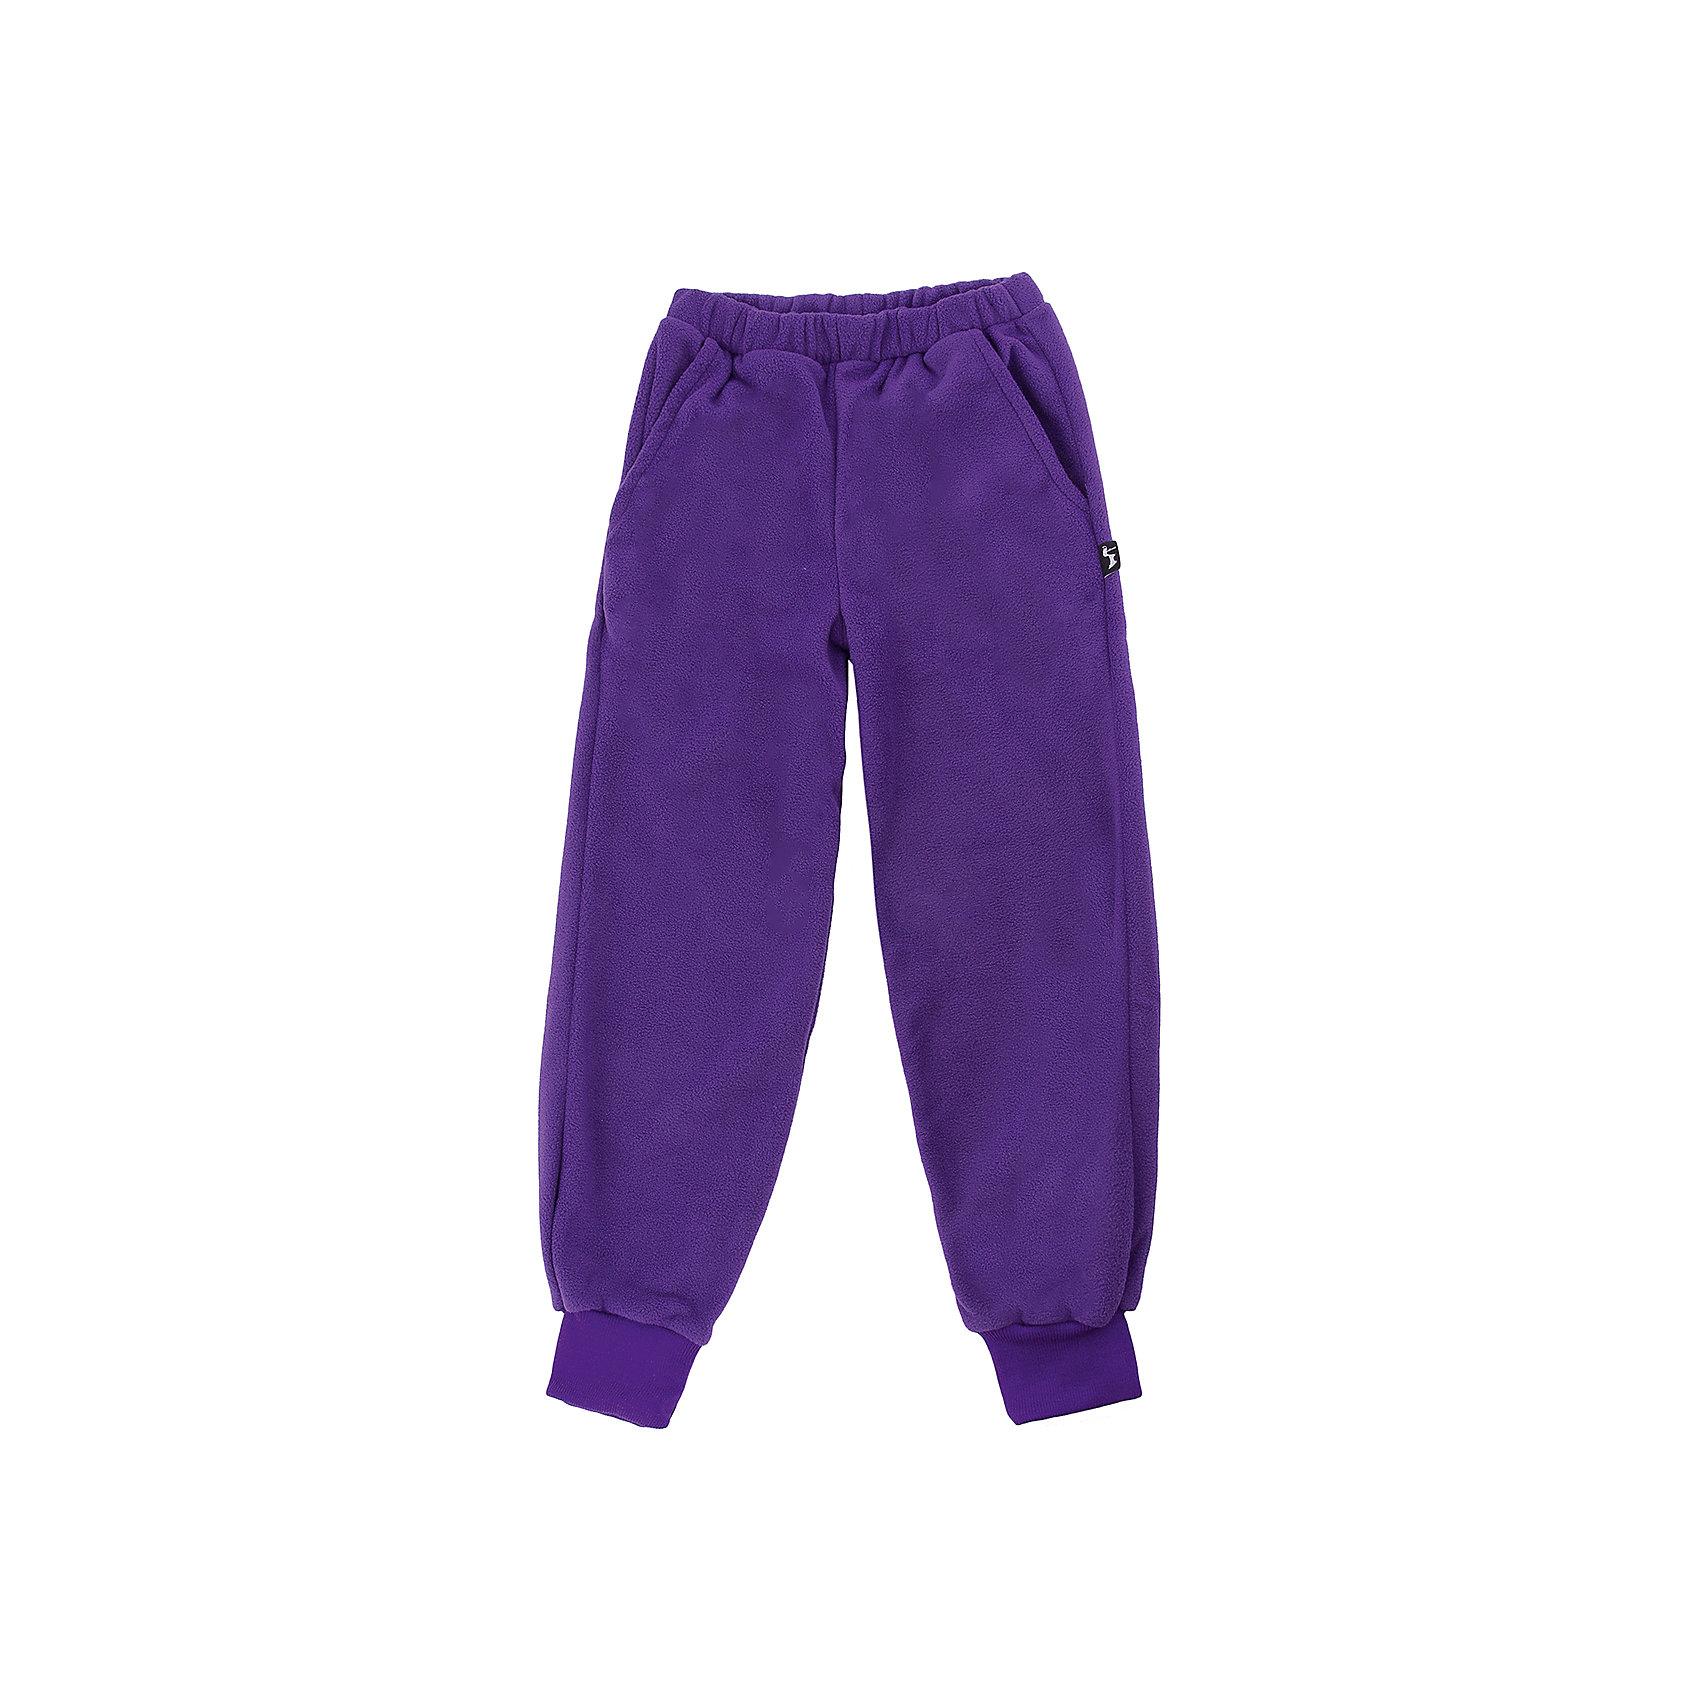 Штаны Бабочка ЛисФлисФлис и термобелье<br>Характеристики товара:<br><br>• цвет: фиолетовый;<br>• состав: 100% полиэстер, флис (280 гр);<br>• сезон: зима ;<br>• штаны на резинке;<br>• эластичные манжеты внизу брючин;<br>• два прорезных кармана;<br>• страна бренда: Россия;<br>• страна производства: Россия.<br><br>Флисовые штаны на резинкедля девочки. Изделие можно одевать как поддеву (дополнительный утепляющий слой) под мембранную одежду при минусовой температуре. А как самостоятельный элемент одежды (верхний слой) от +10 градусов. Прочная молния комбинезона расстегивается и застегивается одним движением руки. Штаны выполнены в однотонном фиолетовом цвете.<br><br>Штаны Бабочка ЛисФлис для девочки можно купить в нашем интернет-магазине.<br><br>Ширина мм: 215<br>Глубина мм: 88<br>Высота мм: 191<br>Вес г: 336<br>Цвет: лиловый<br>Возраст от месяцев: 12<br>Возраст до месяцев: 15<br>Пол: Унисекс<br>Возраст: Детский<br>Размер: 80,146,86,92,98,104,110,116,122,128,134,140<br>SKU: 7050354